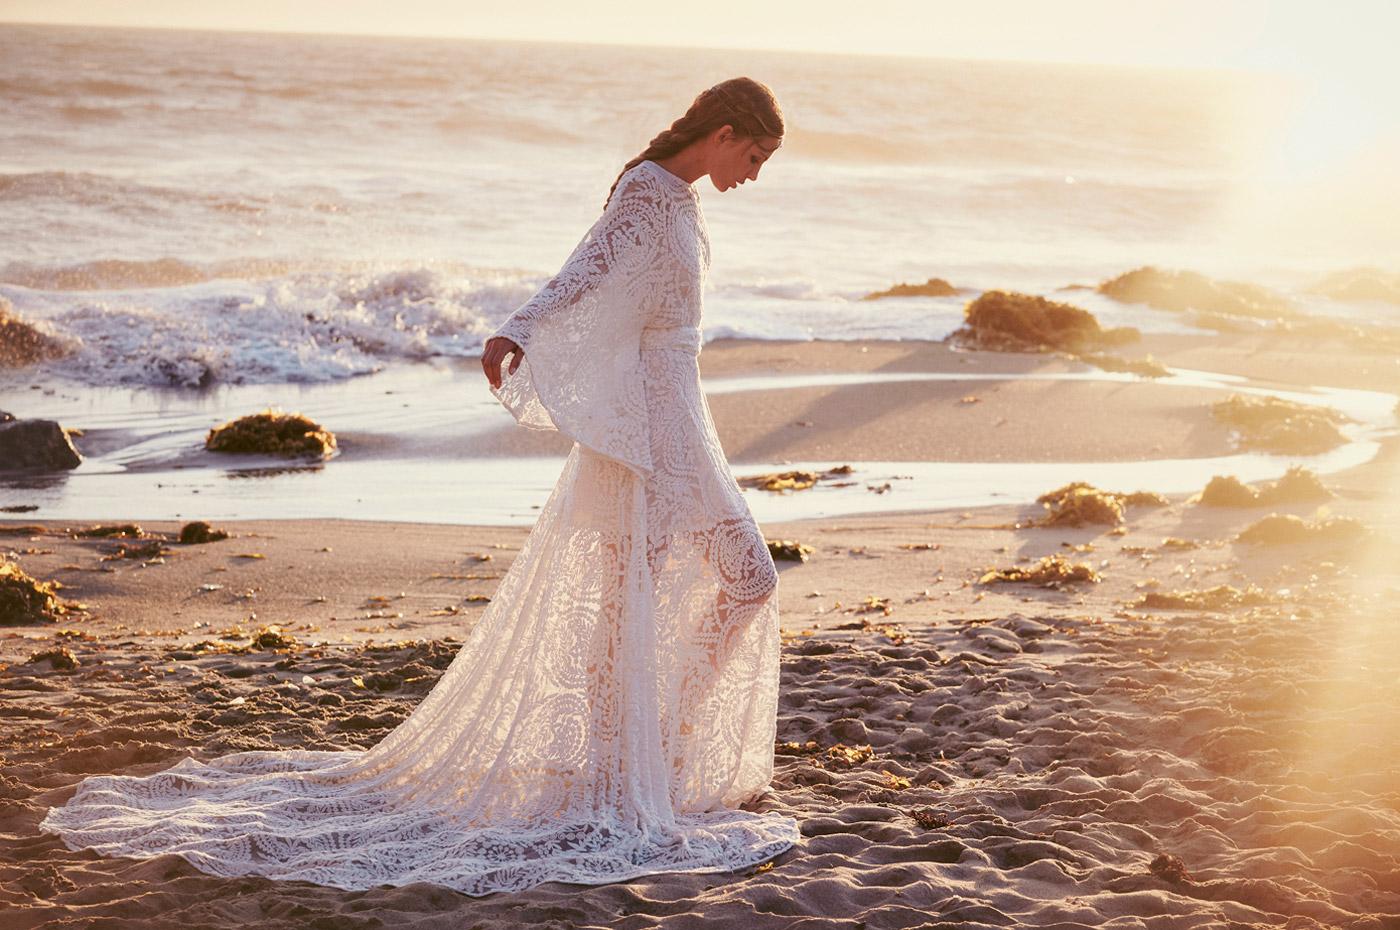 robe de mariée fantaisie sur la plage